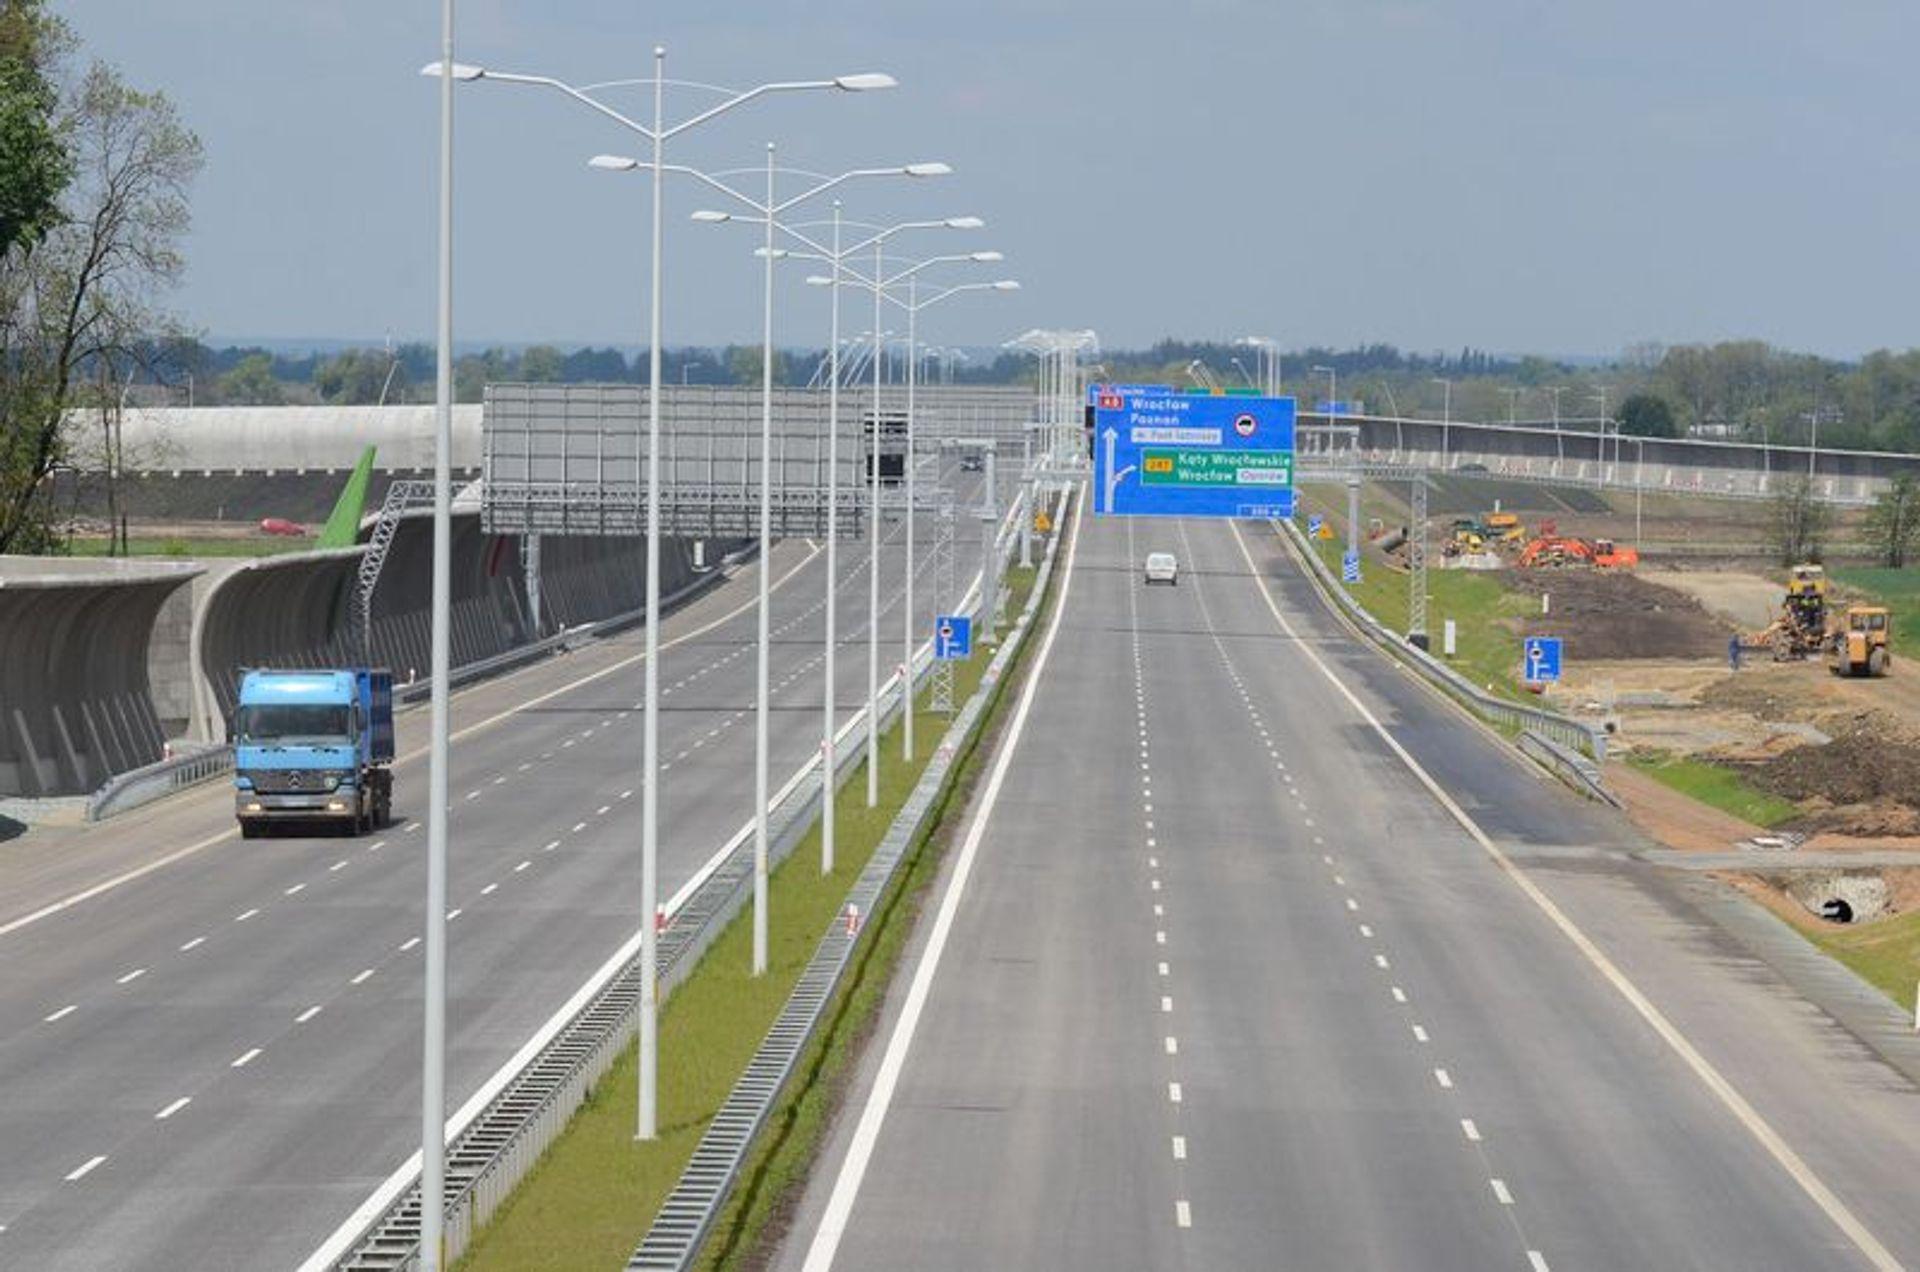 [Wrocław] Rok po otwarciu już trzeba naprawiać Autostradową Obwodnicę Wrocławia